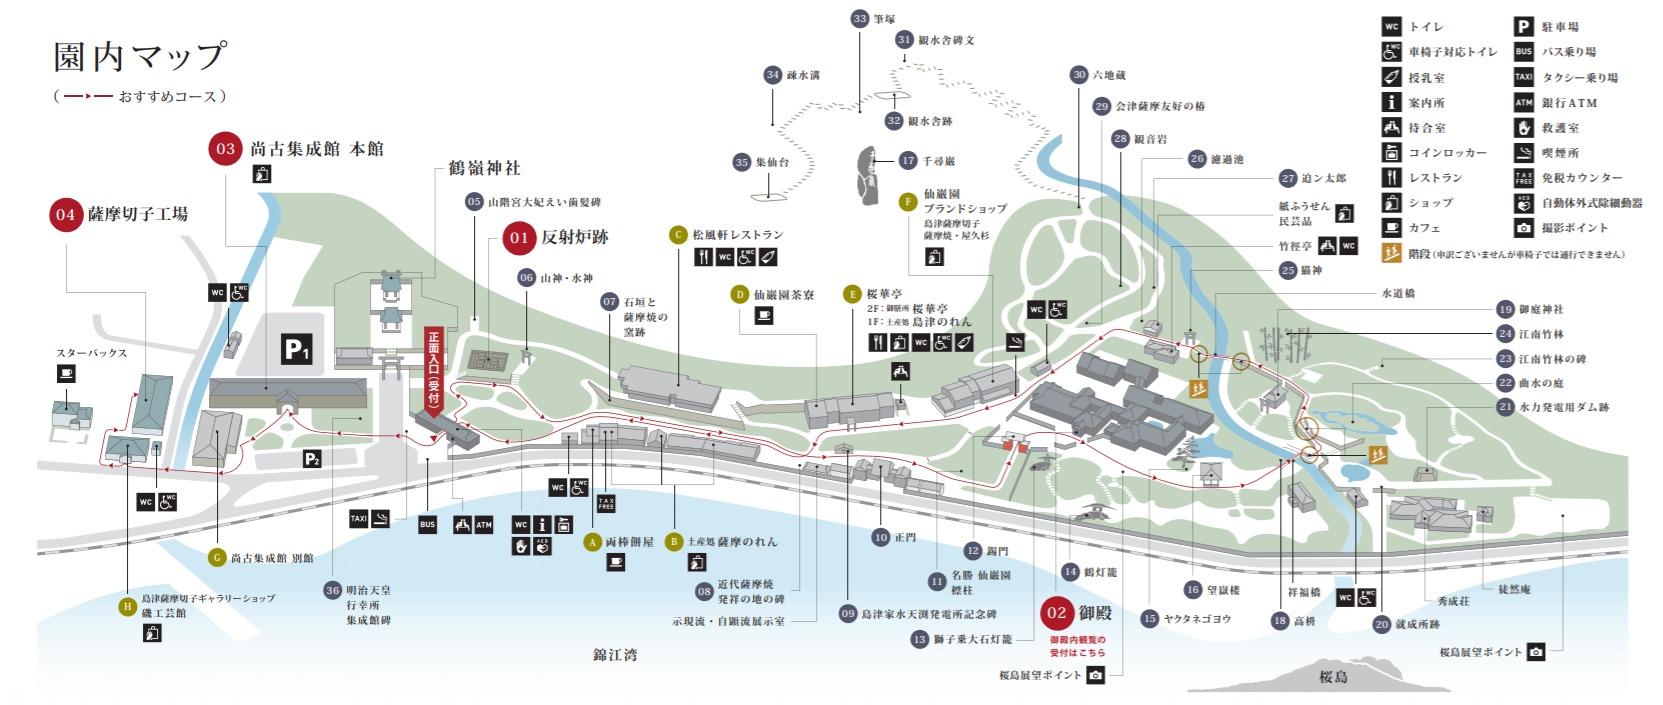 仙厳園園内マップ